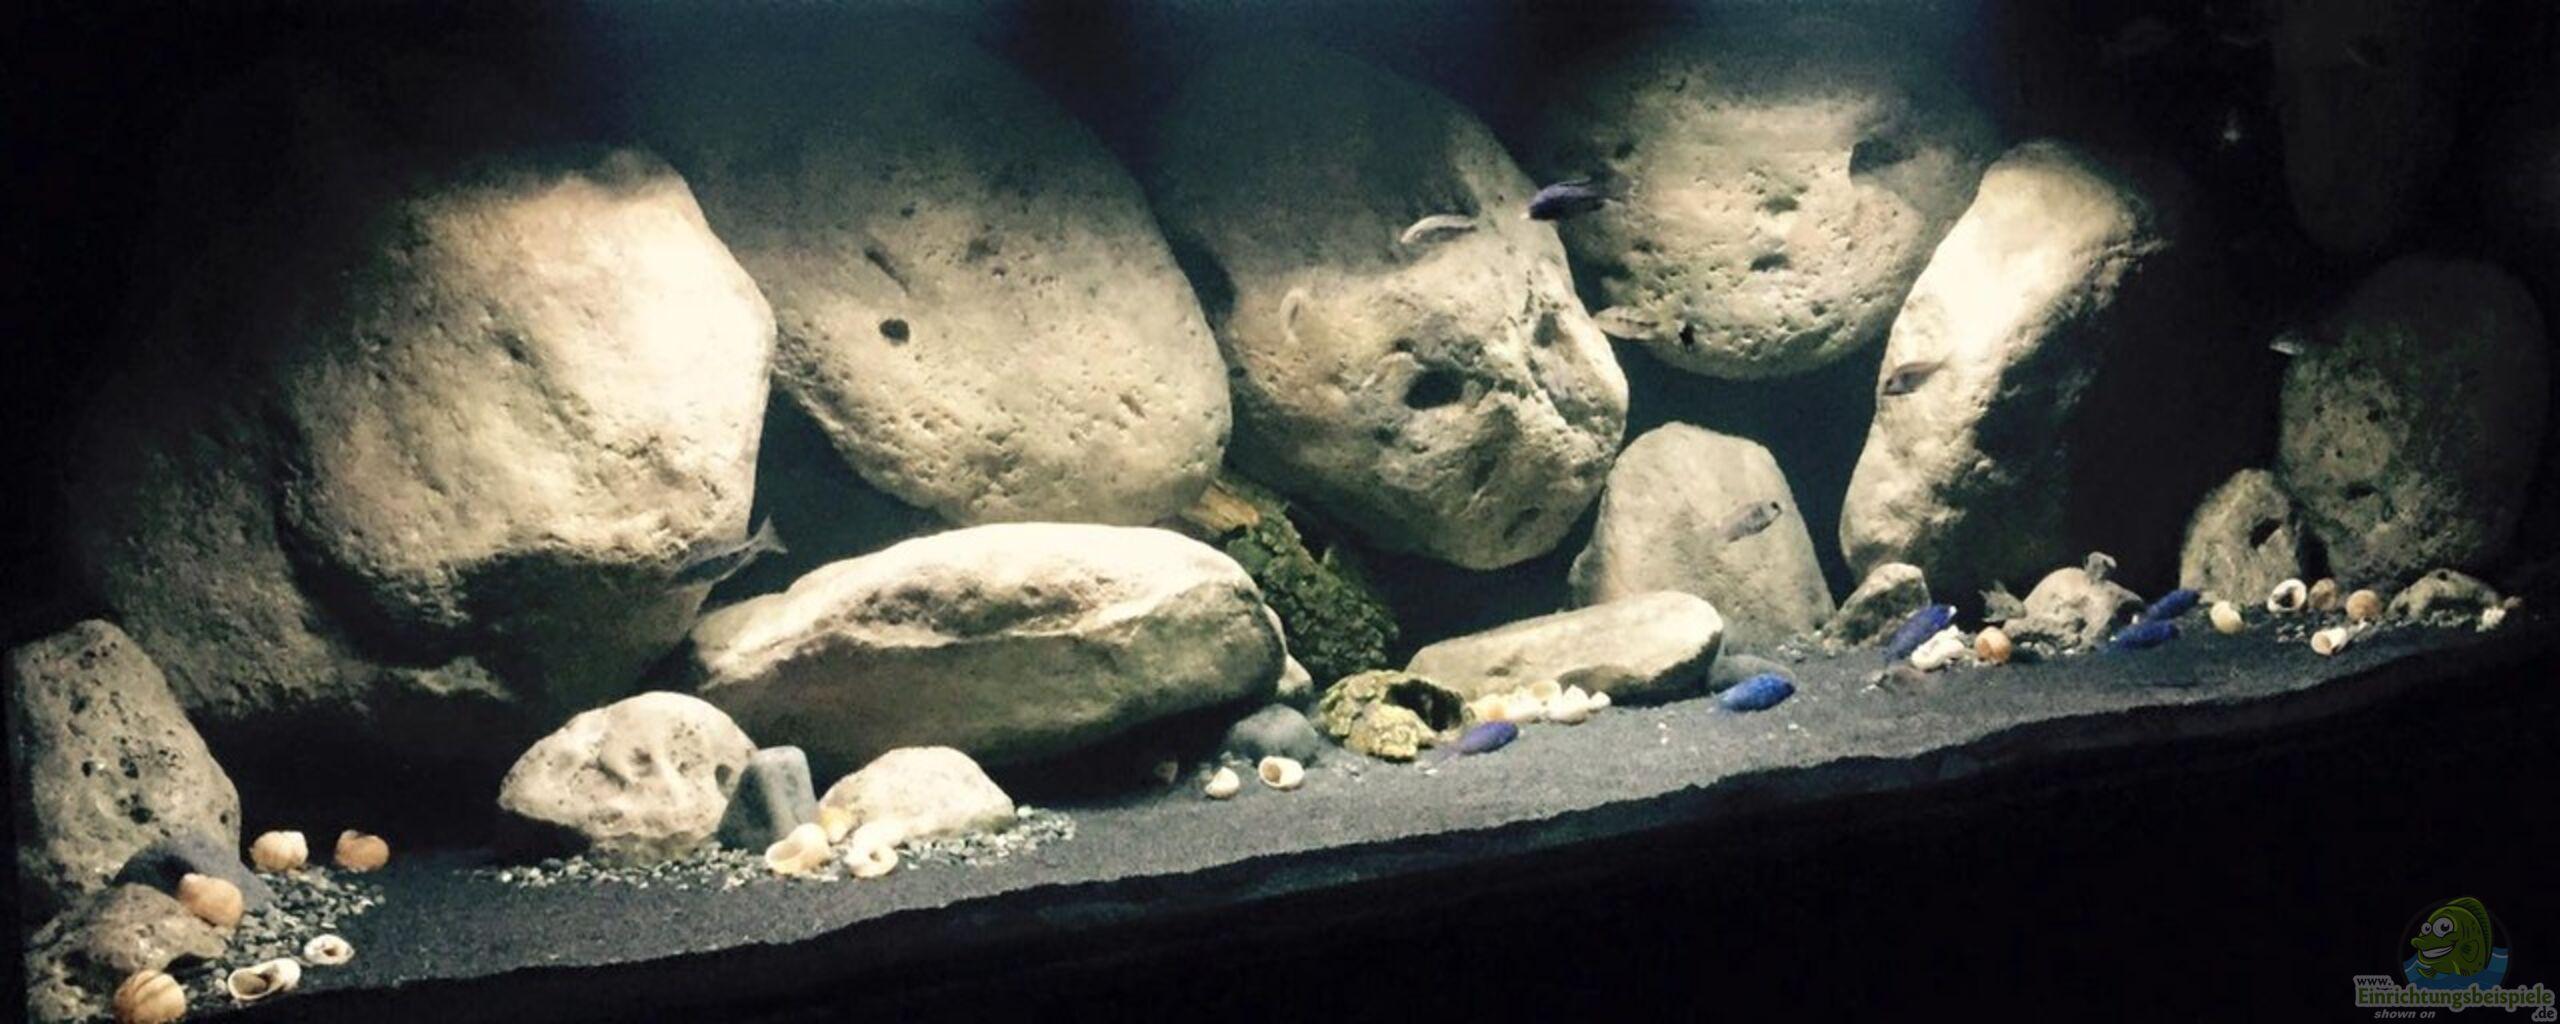 aquarium von thetoxicavenger mdima mchenga. Black Bedroom Furniture Sets. Home Design Ideas